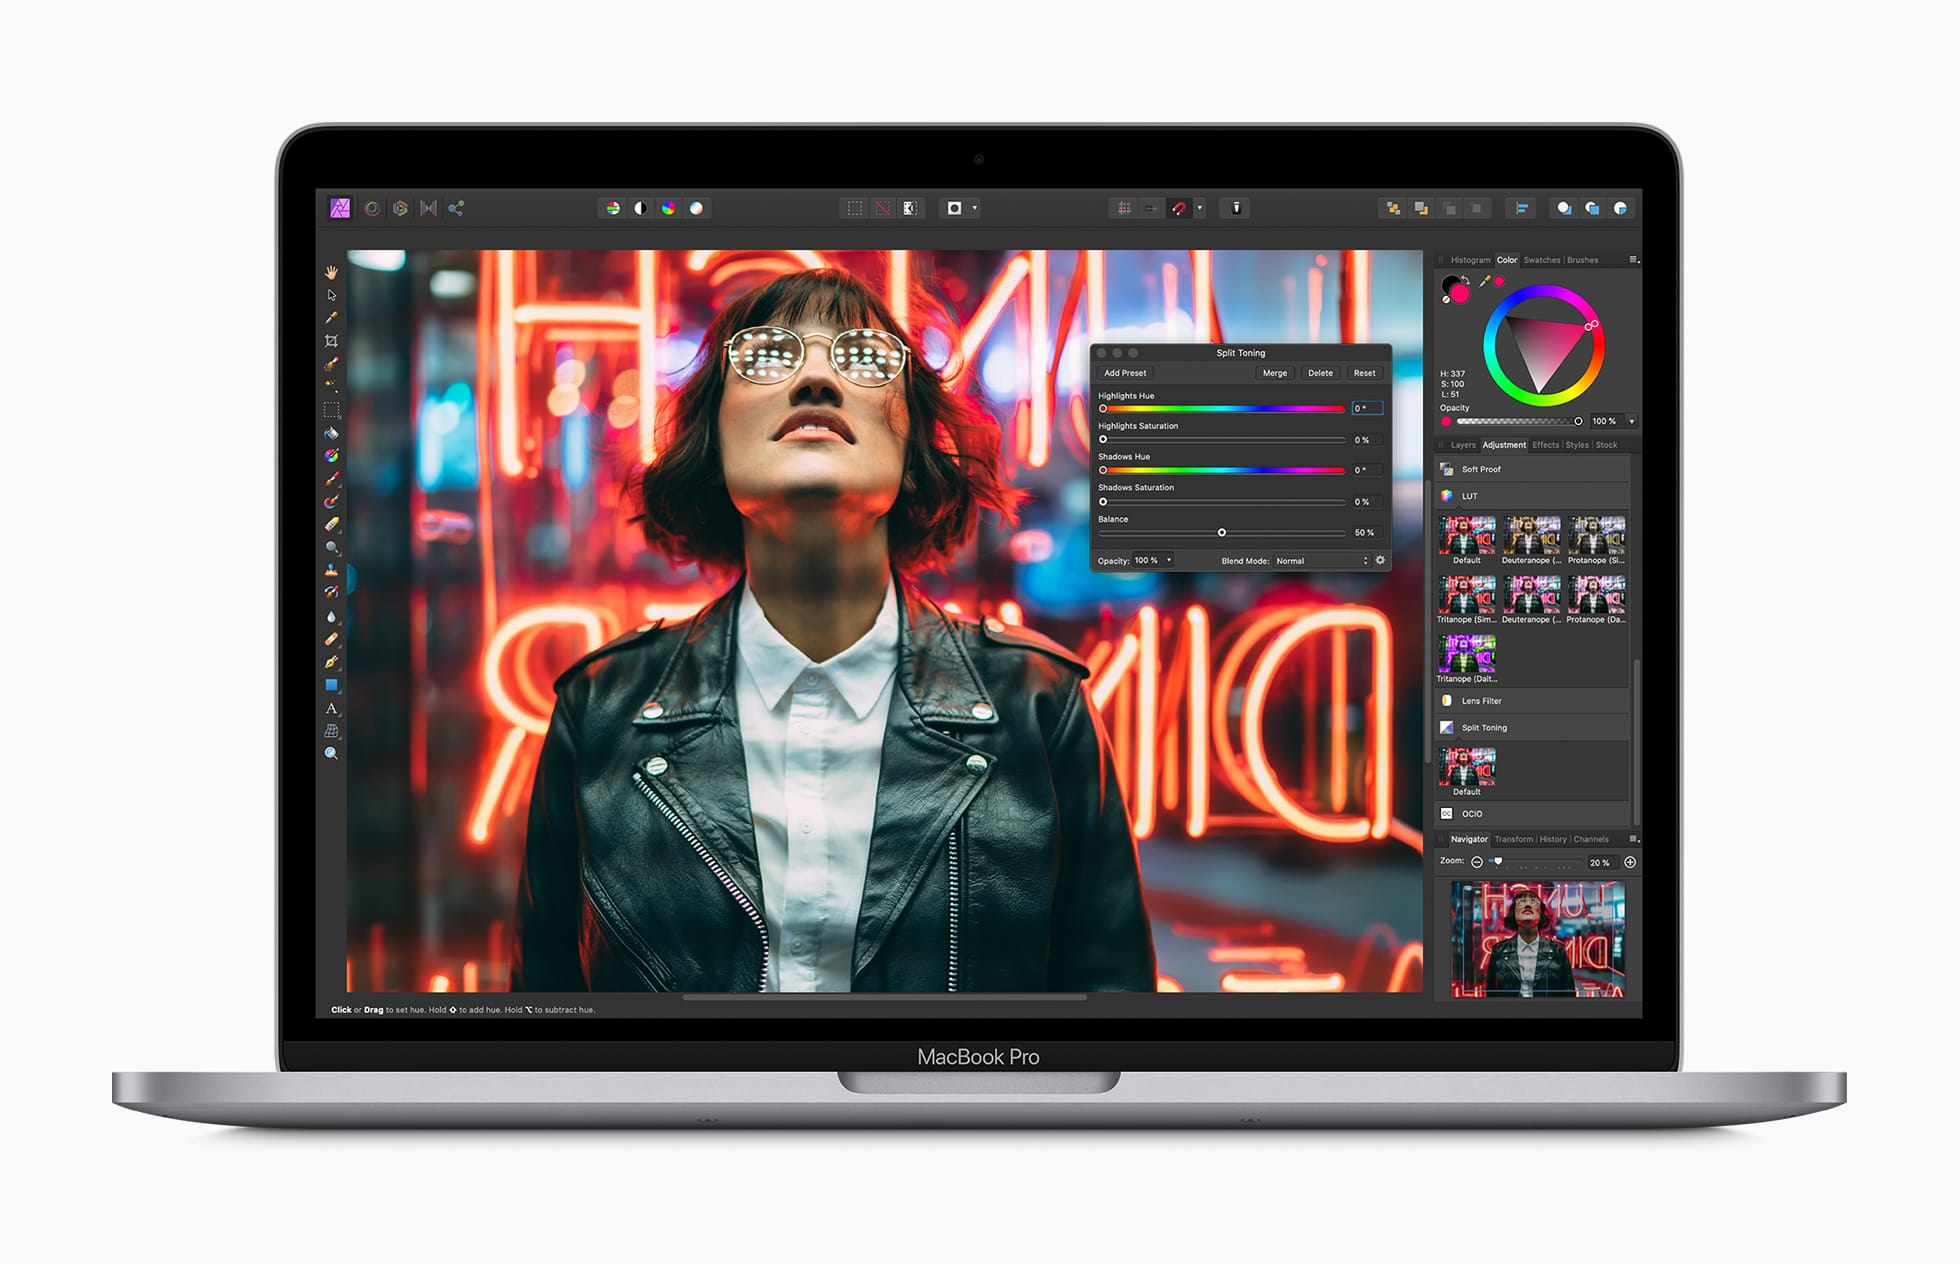 Novo MacBook Pro de 13 polegadas rodando o Affinity Photo